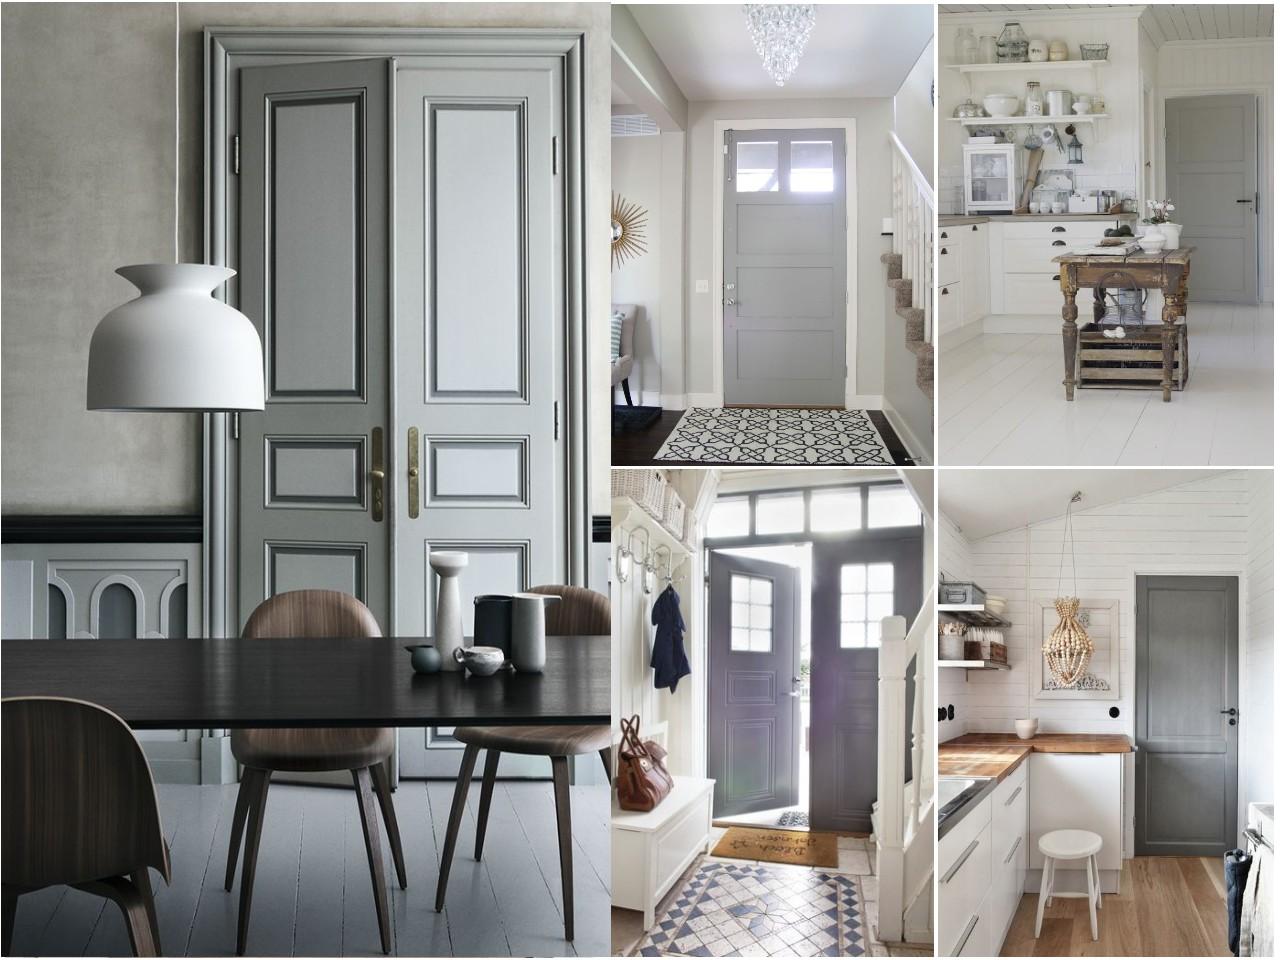 C mo pintar las puertas de casa ideas e inspiraci n for Paredes grises y puertas blancas